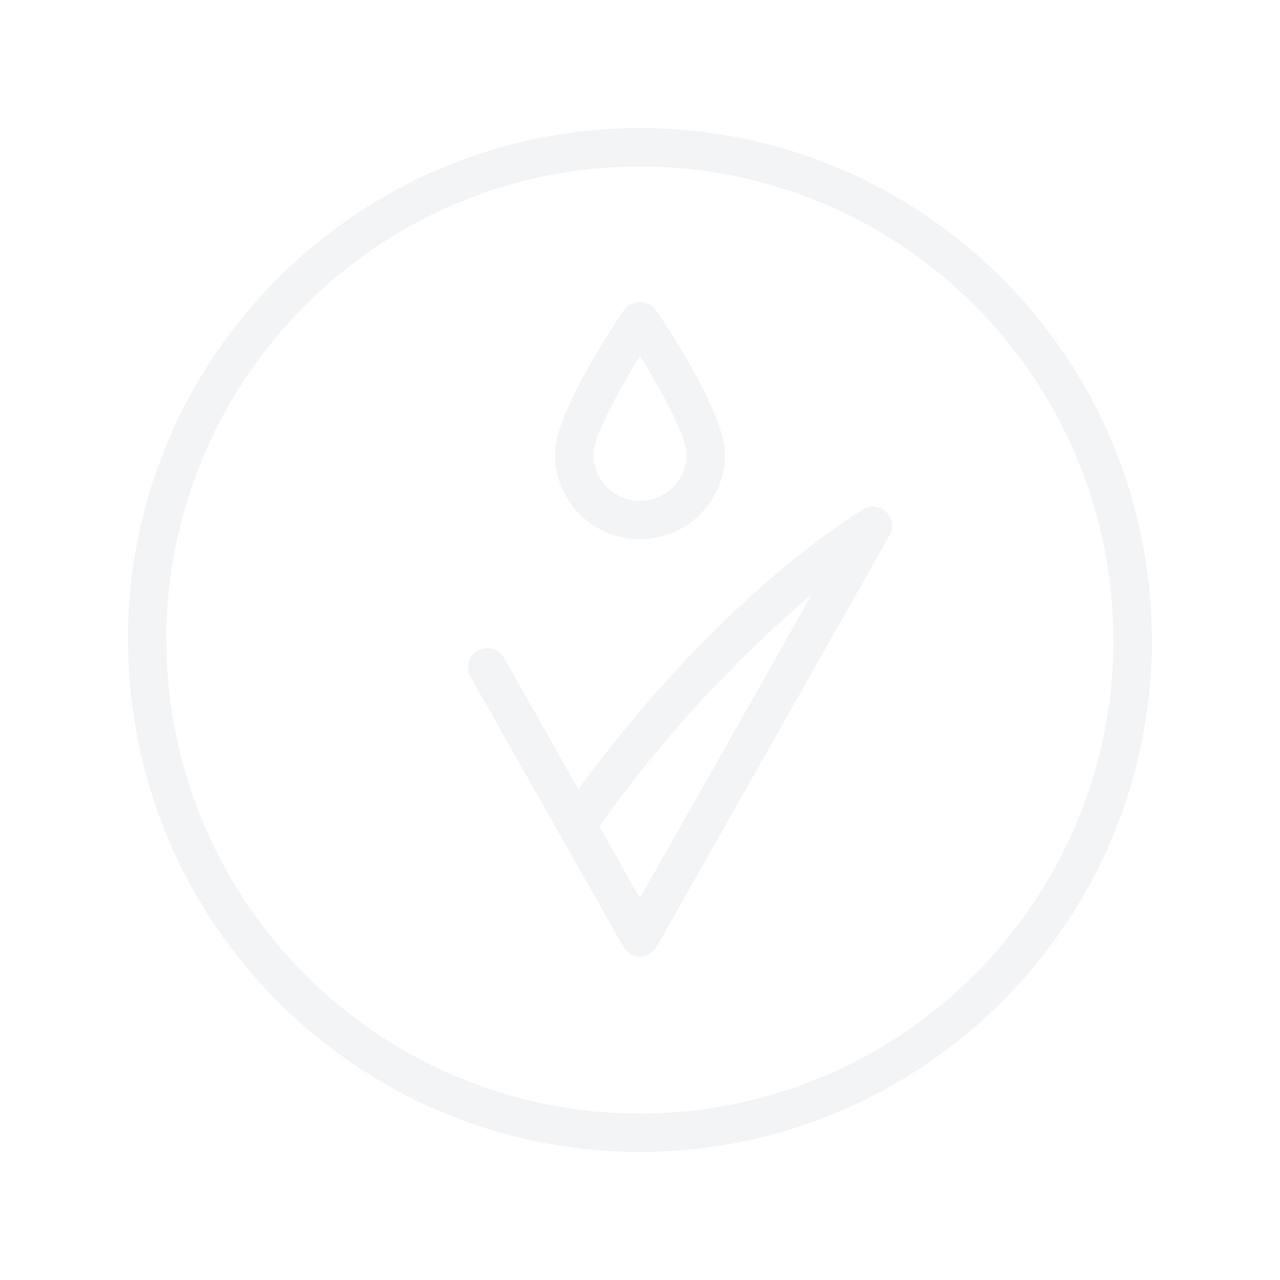 men-ü Healthy Facial Wash 100ml